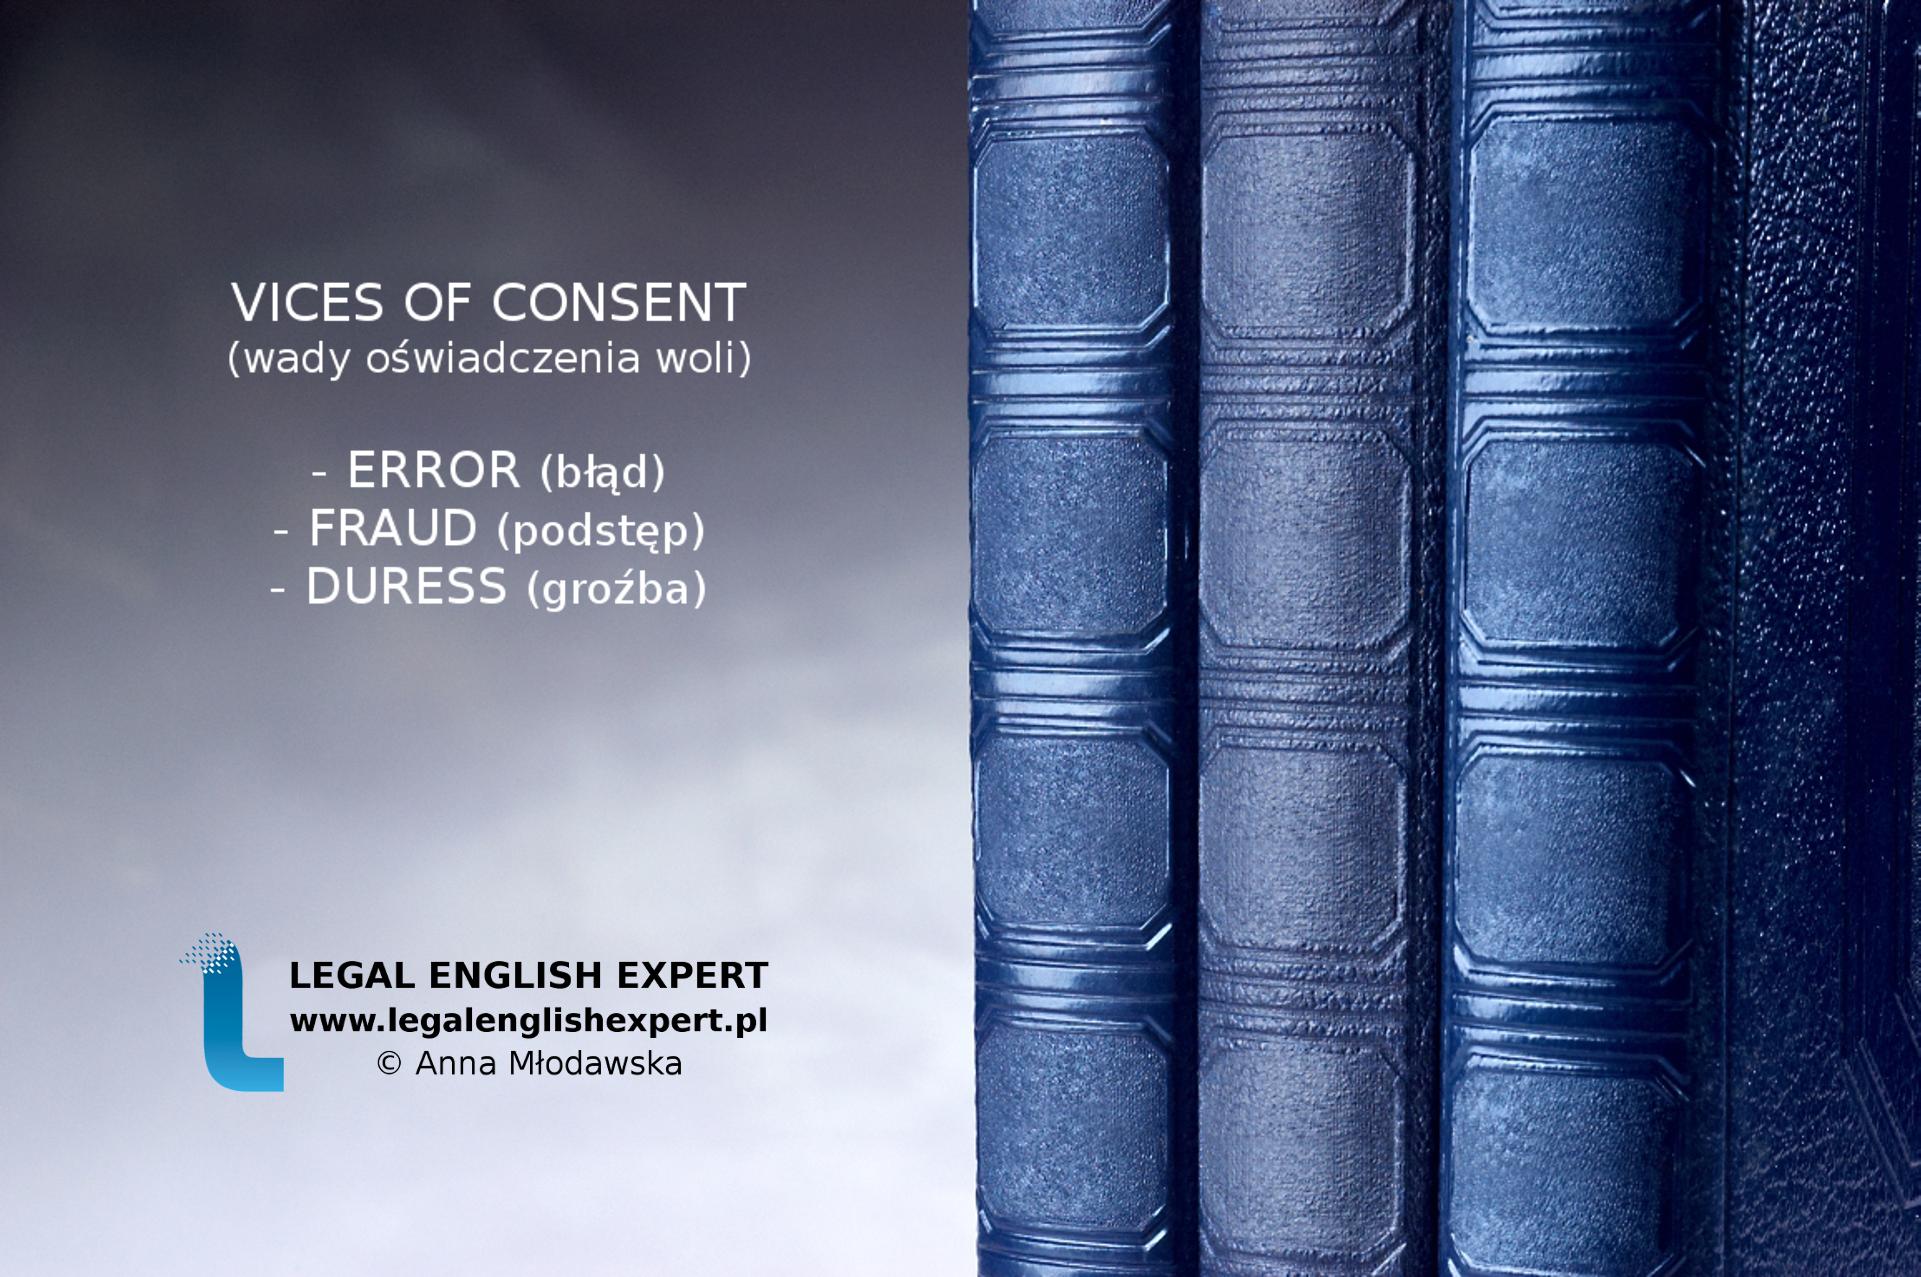 LEGAL ENGLISH EXPERT - infografika_43 - wady oświadczenia woli